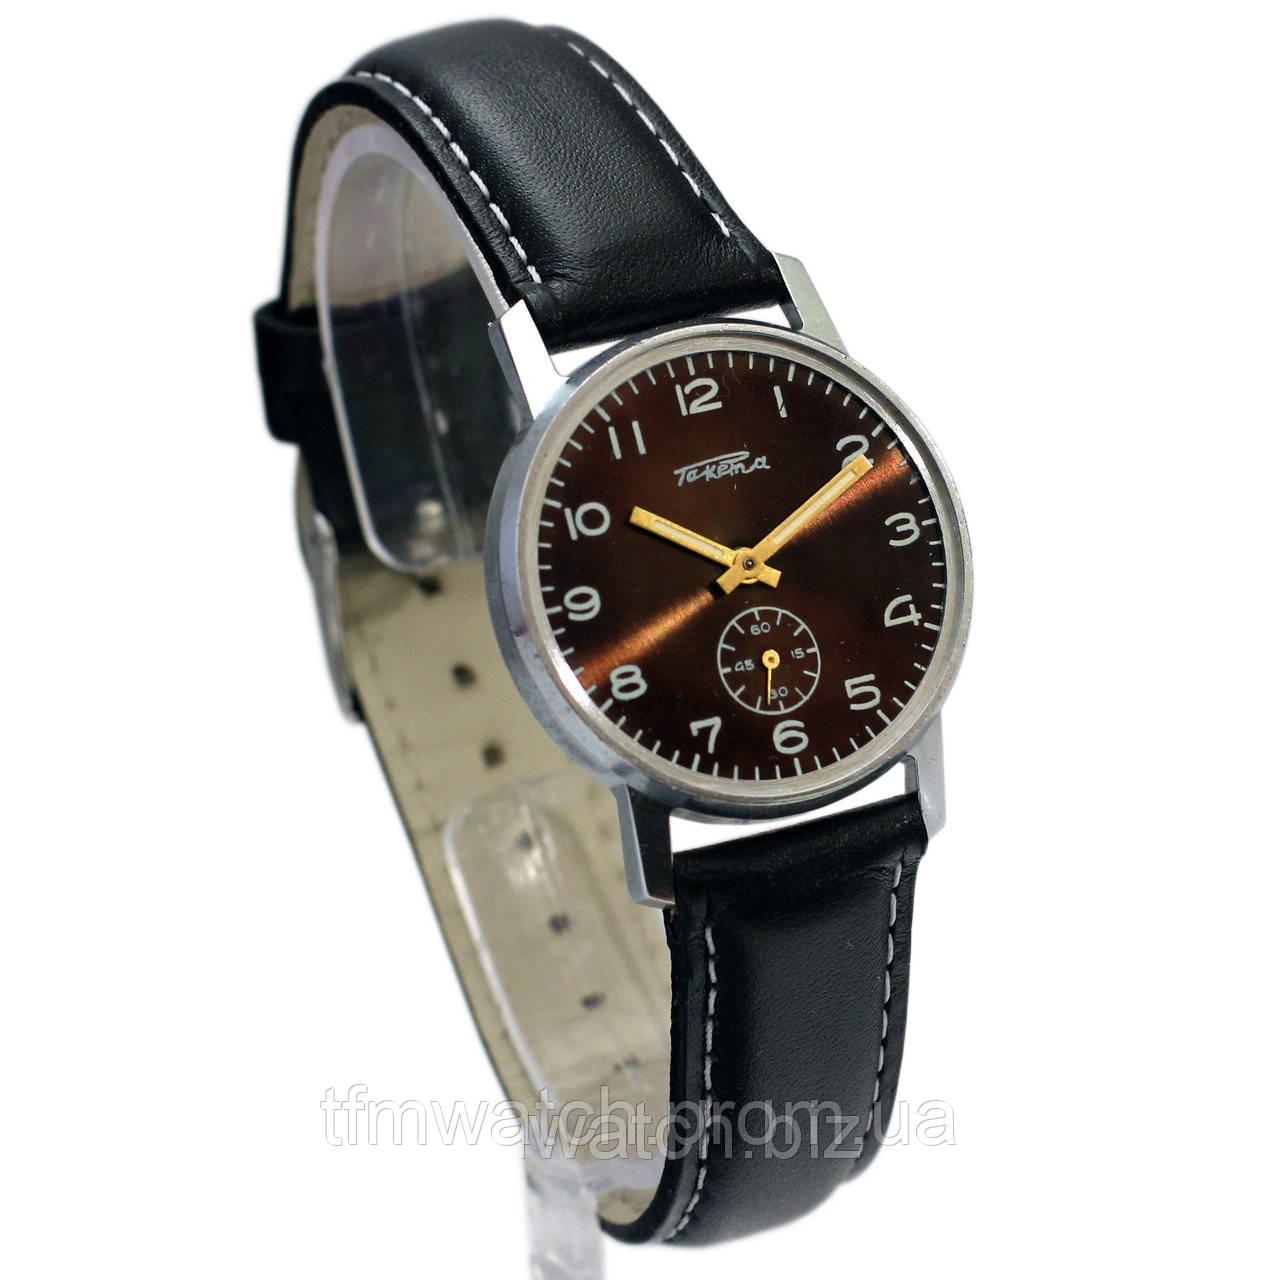 Купить часы россия механика вид наручных часов